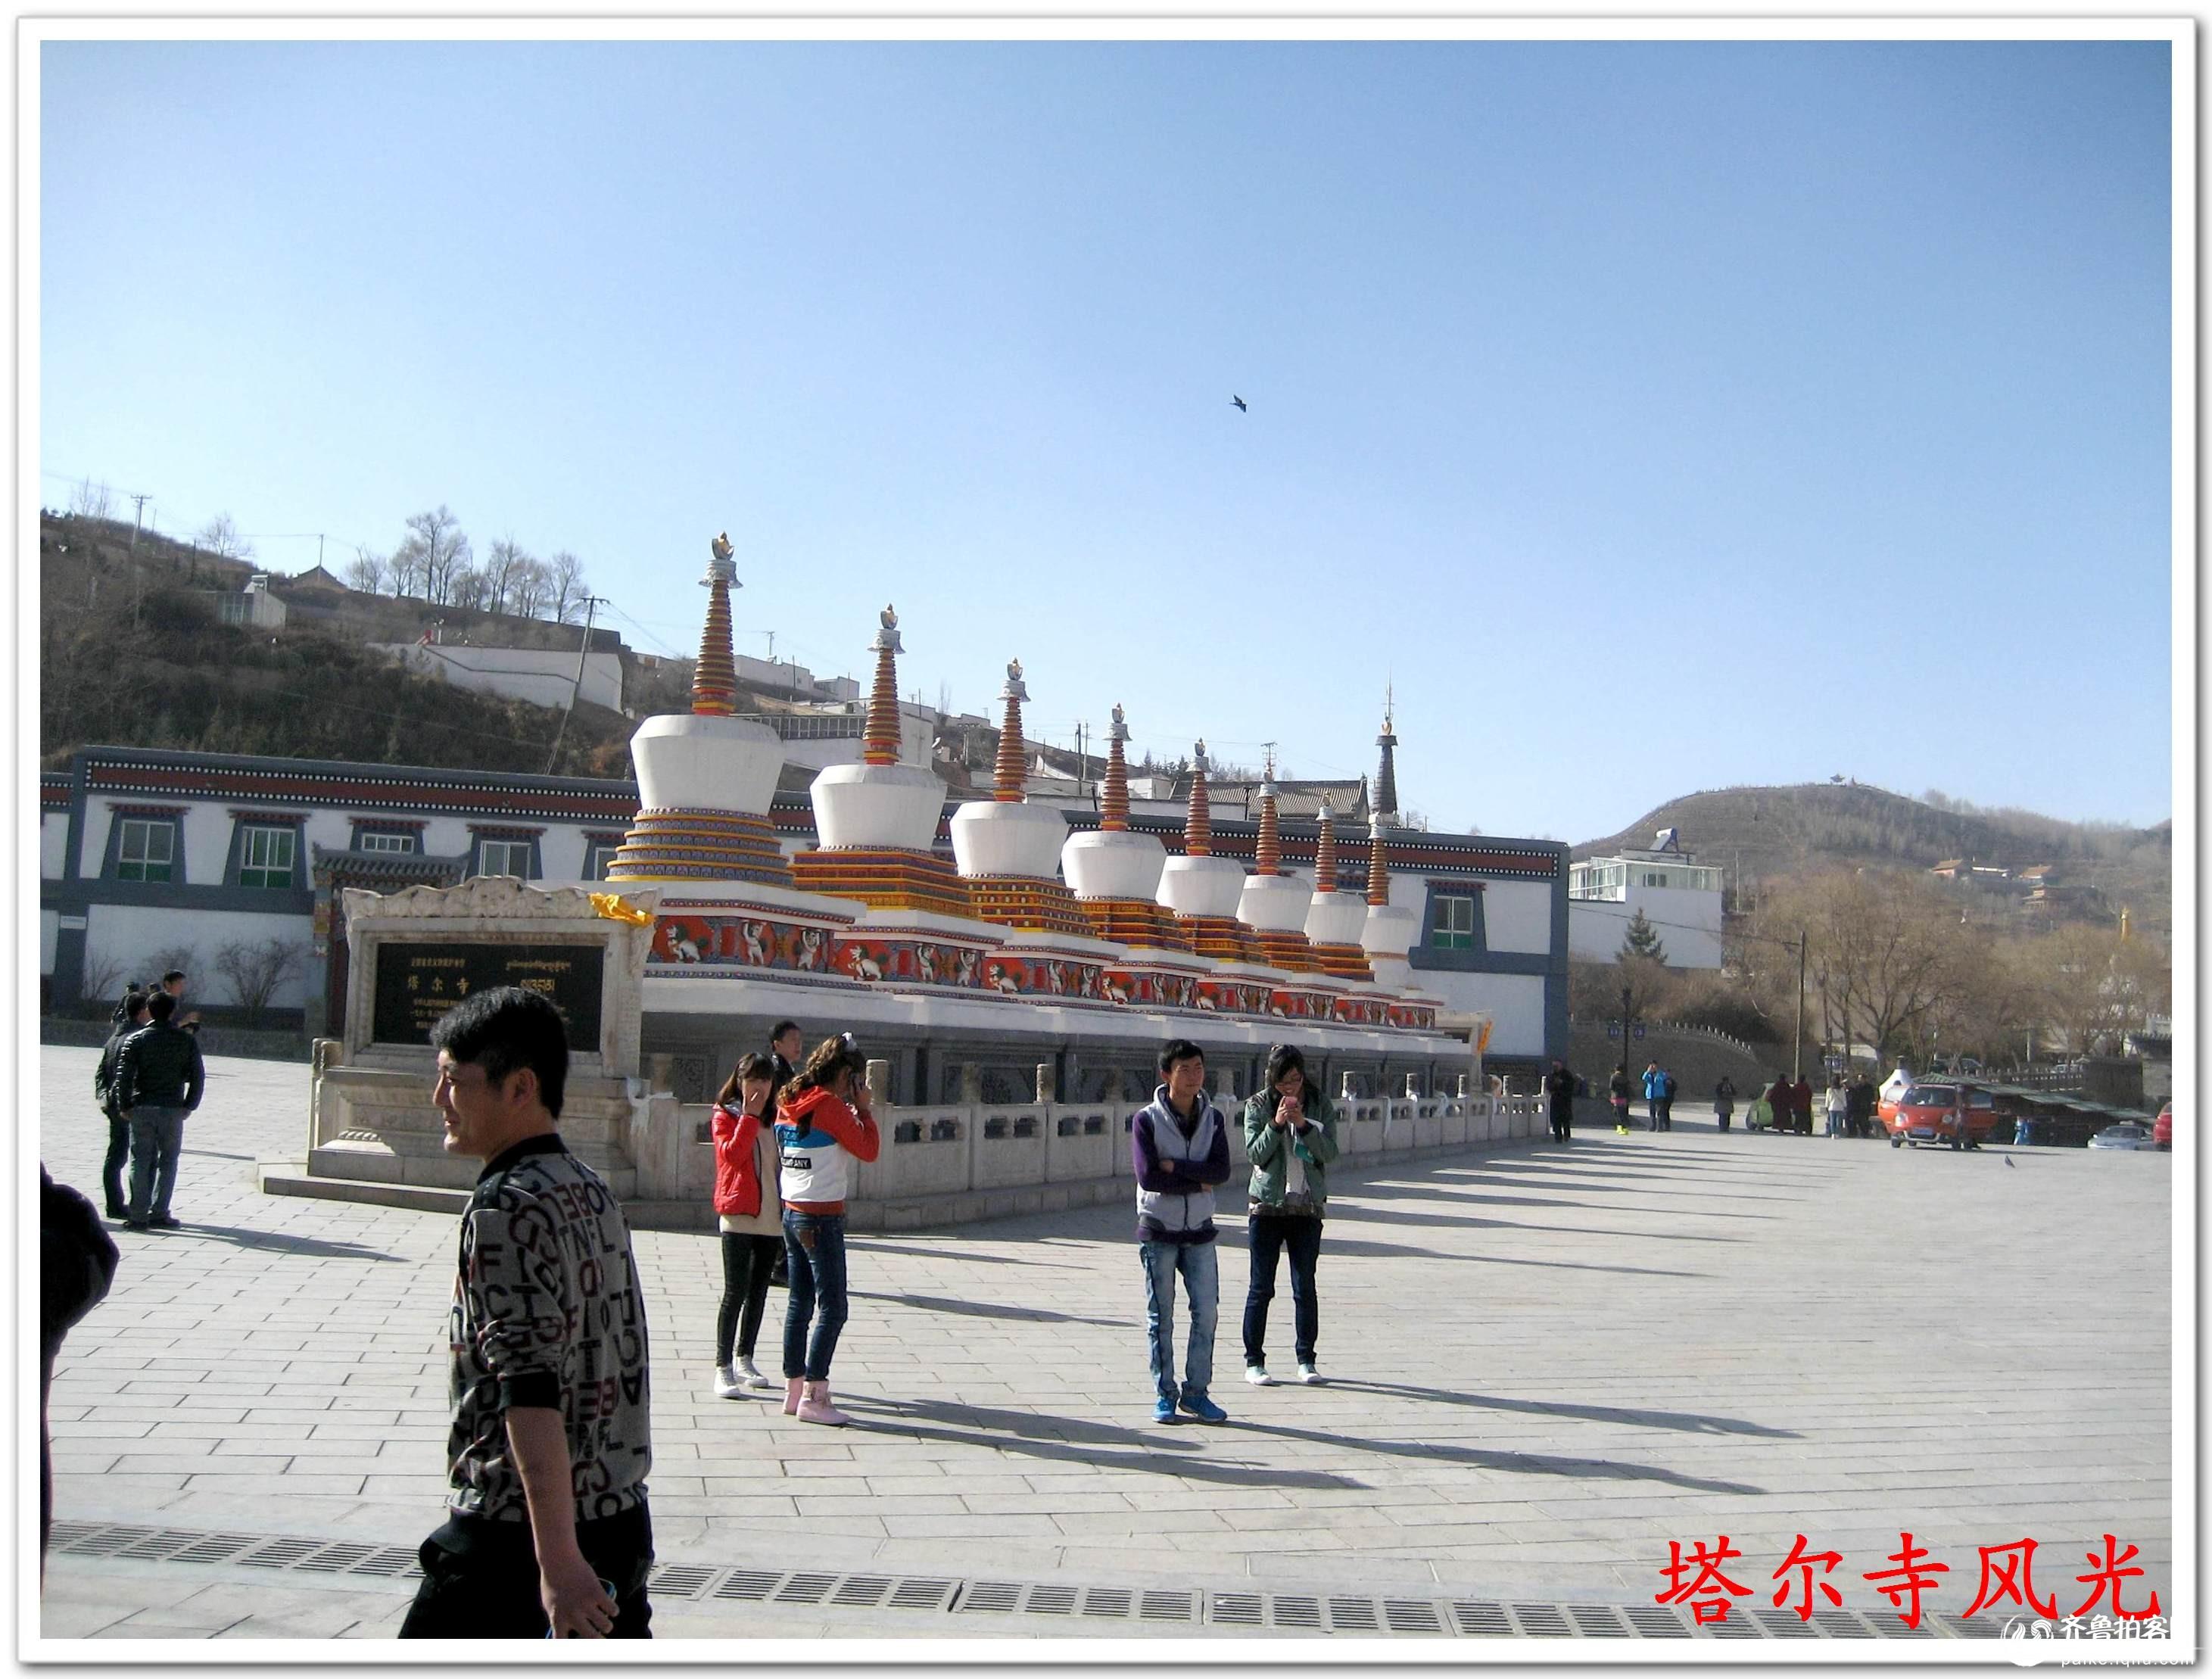 塔尔寺位于青海省西宁市西南25公里处的湟中县城鲁沙尔镇。 塔尔寺又名塔儿寺。 得名于大金瓦寺内,是为纪念黄教创始人宗喀巴而建的大银塔, 它坐落在湟中县鲁沙尔镇西南隅的连花山坳中, 是中国藏传佛教格鲁派(黄教)六大寺院之一, 也是青海省首屈一指的名胜古迹和全国重点文物保护单位。